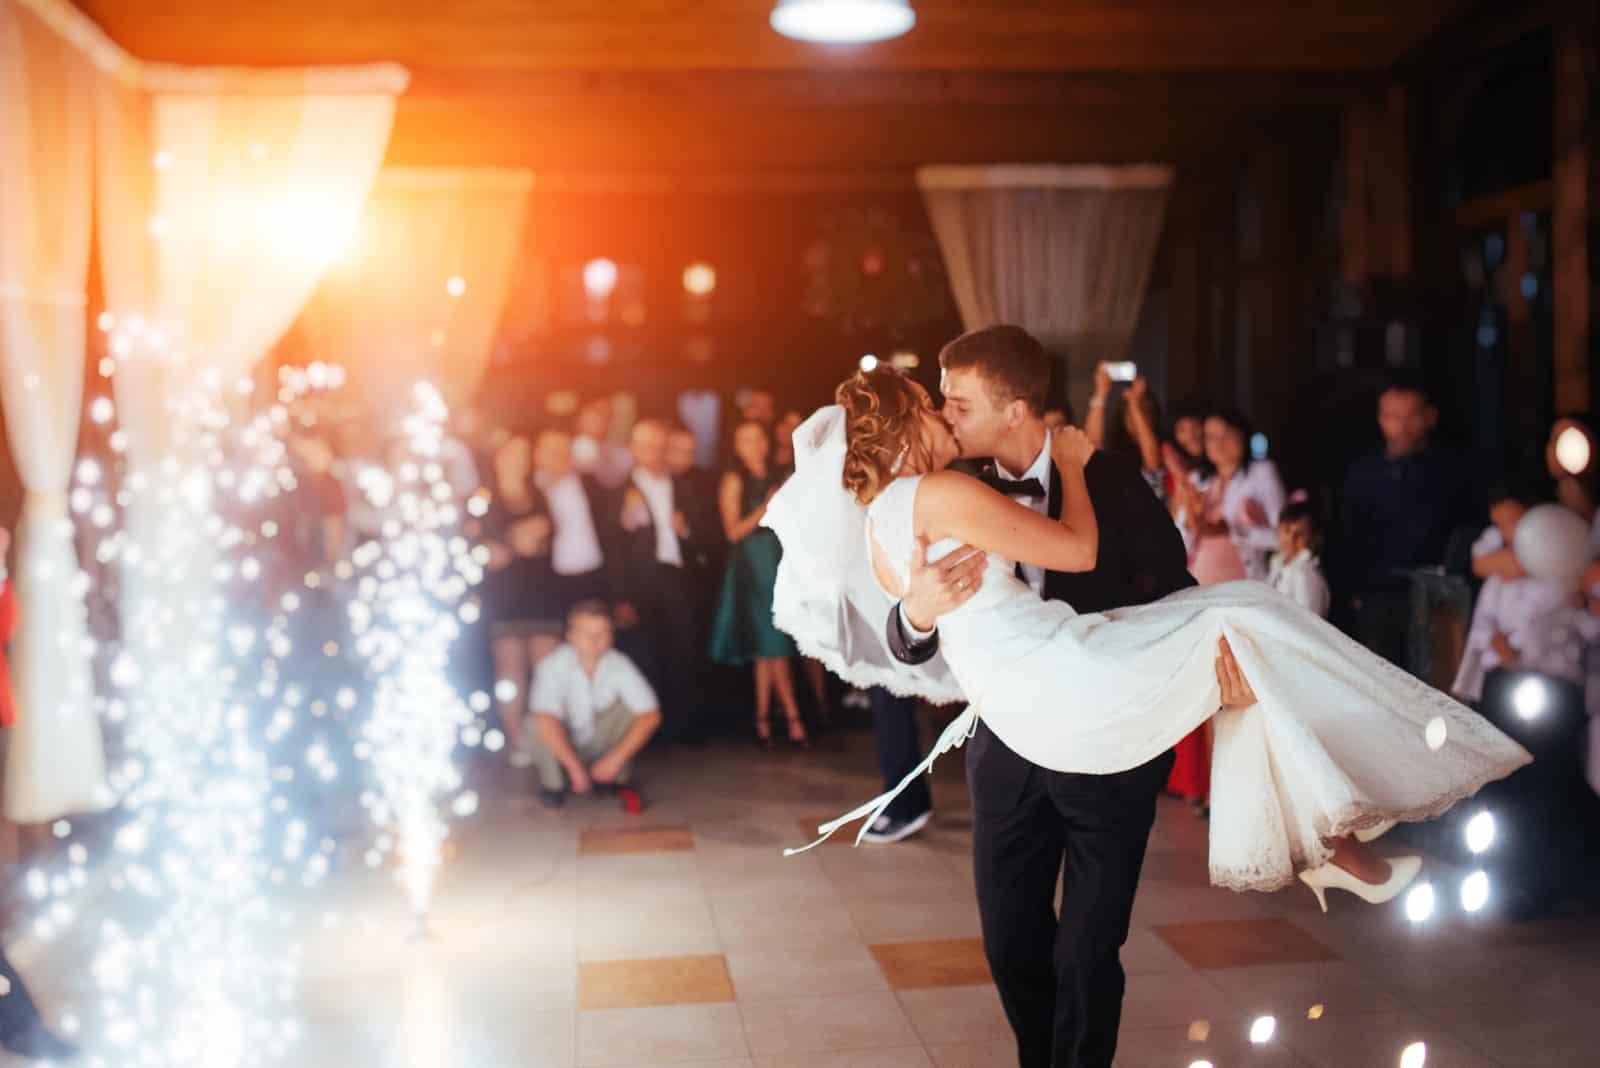 der Bräutigam, der die Braut während des ersten Tanzes großgezogen hat